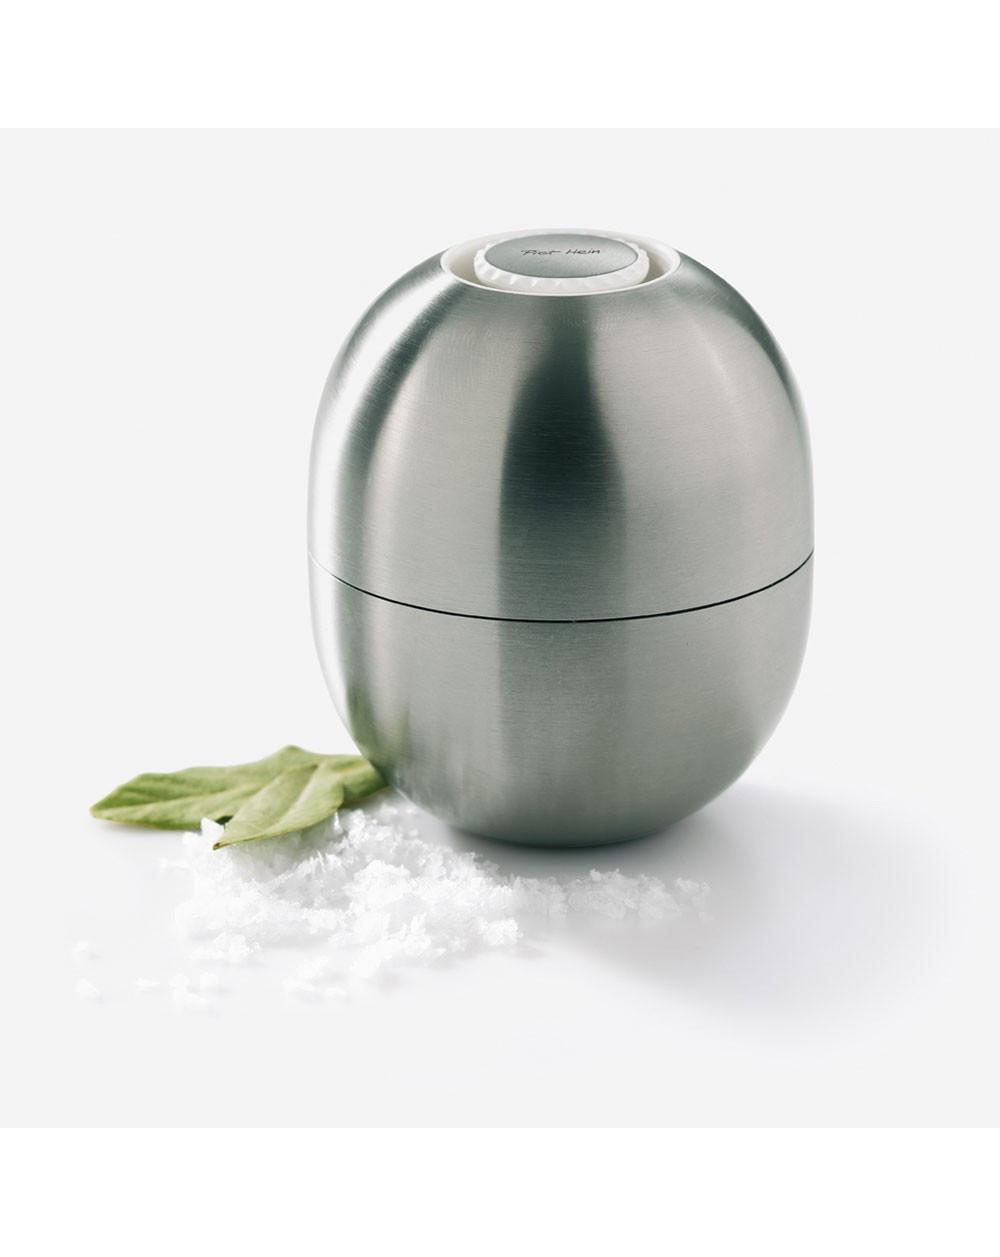 SUPER-EGG SALT MILL PIET HEIN